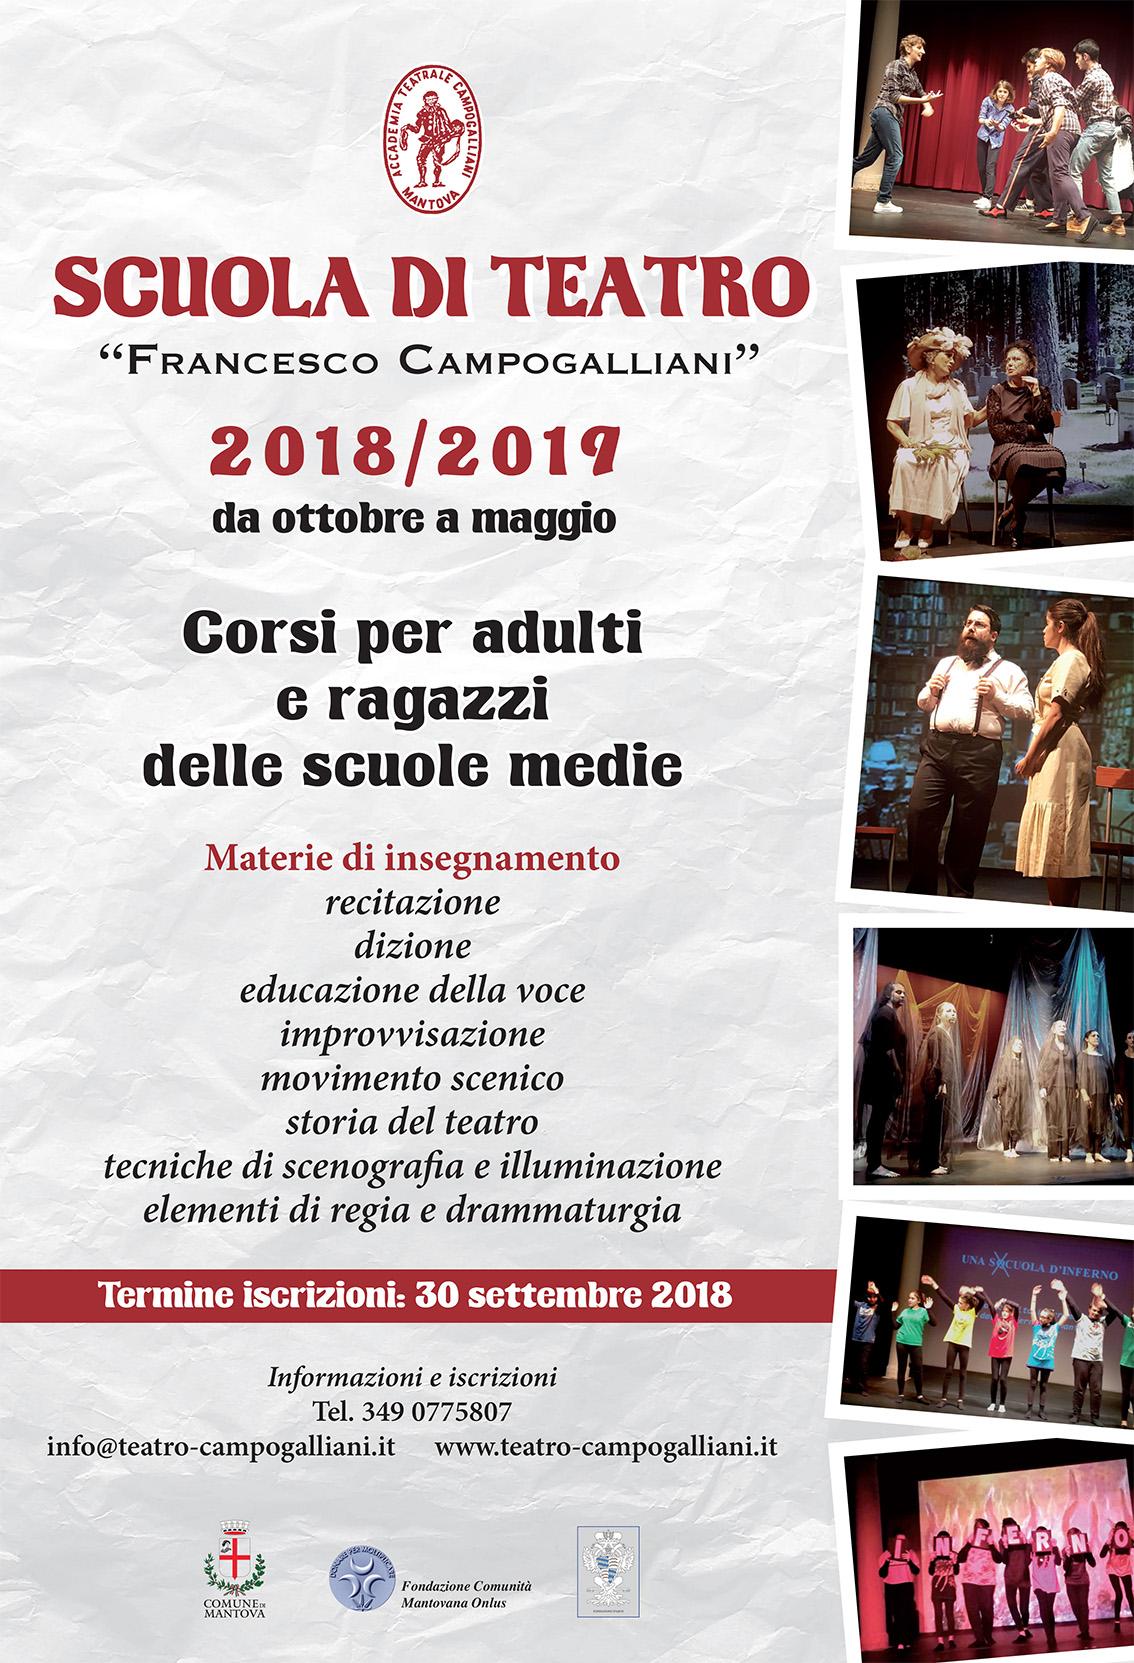 Scuola di teatro 2018-19